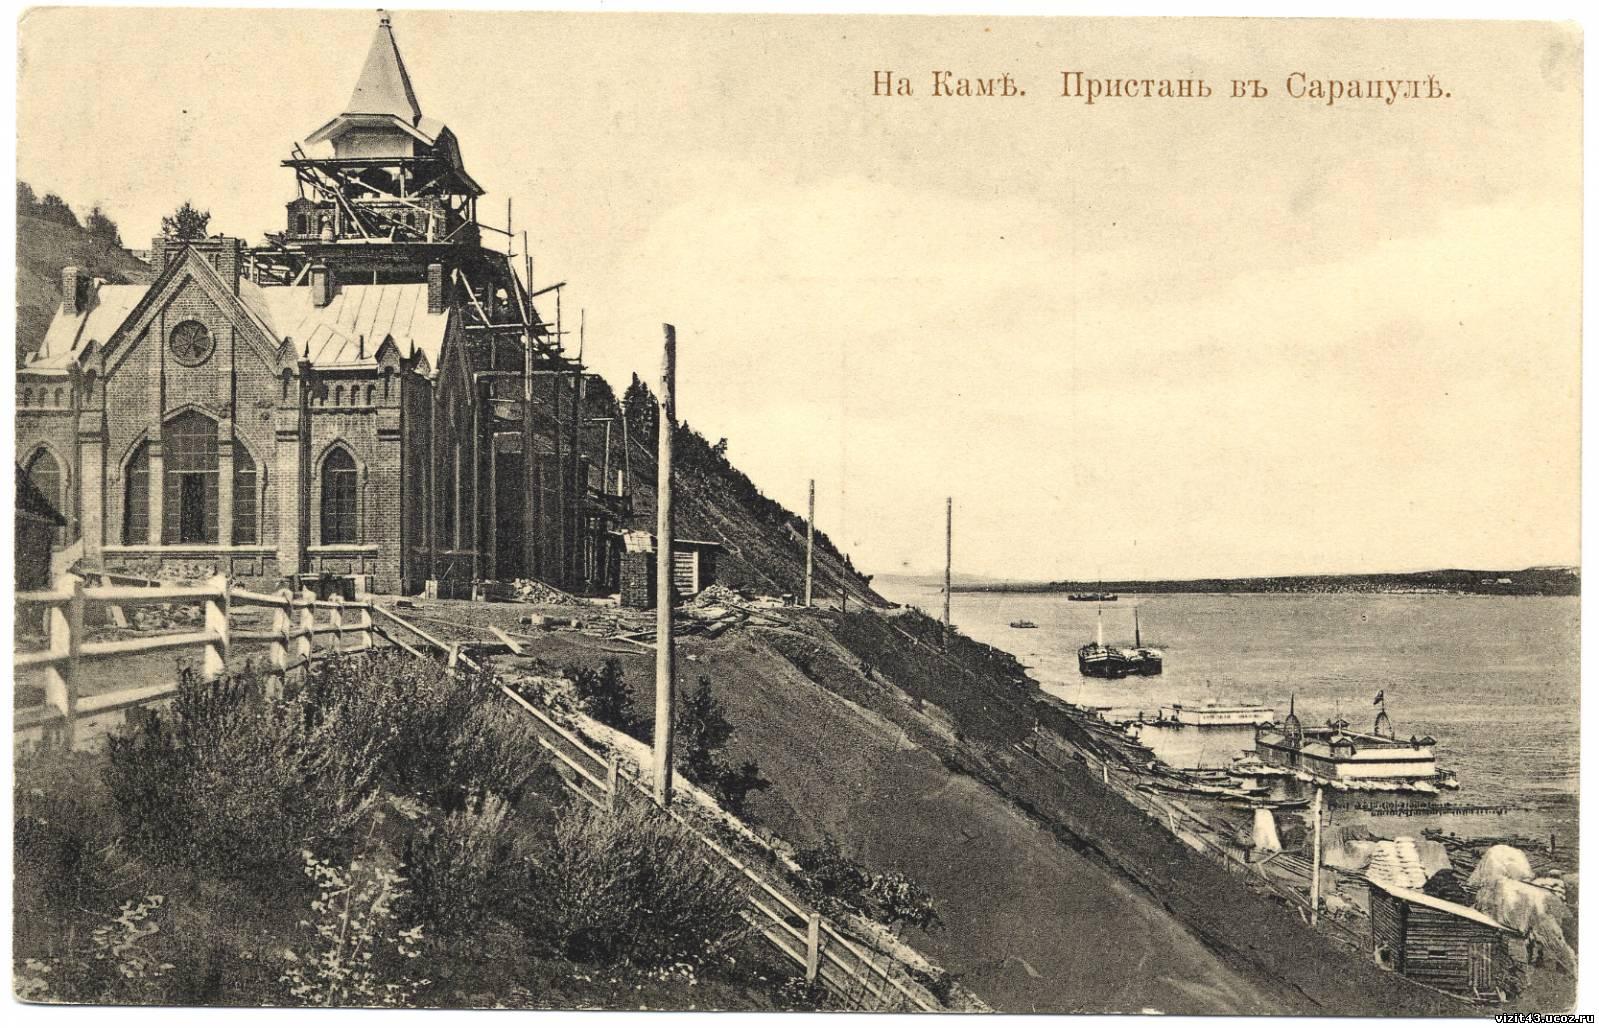 Пристань в Сарапуле